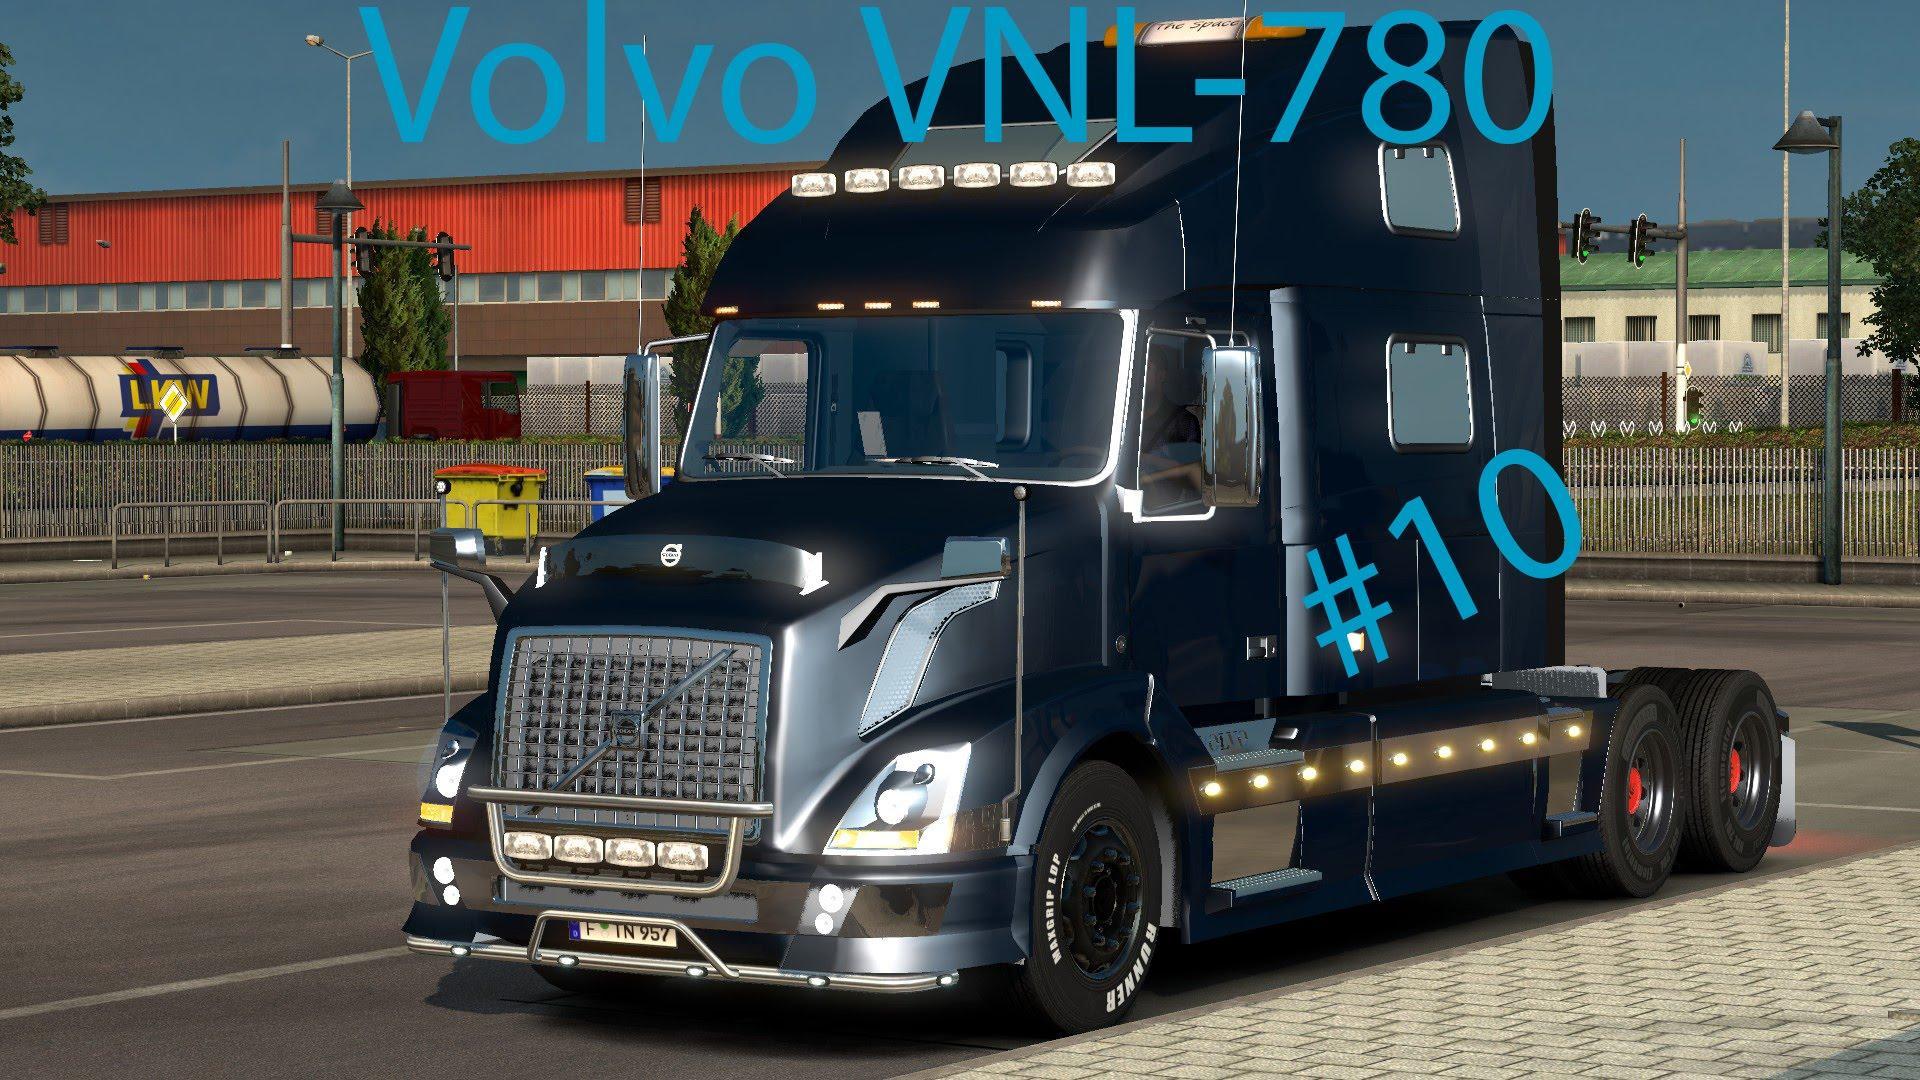 volvo-vnl-780-1-20-x_1